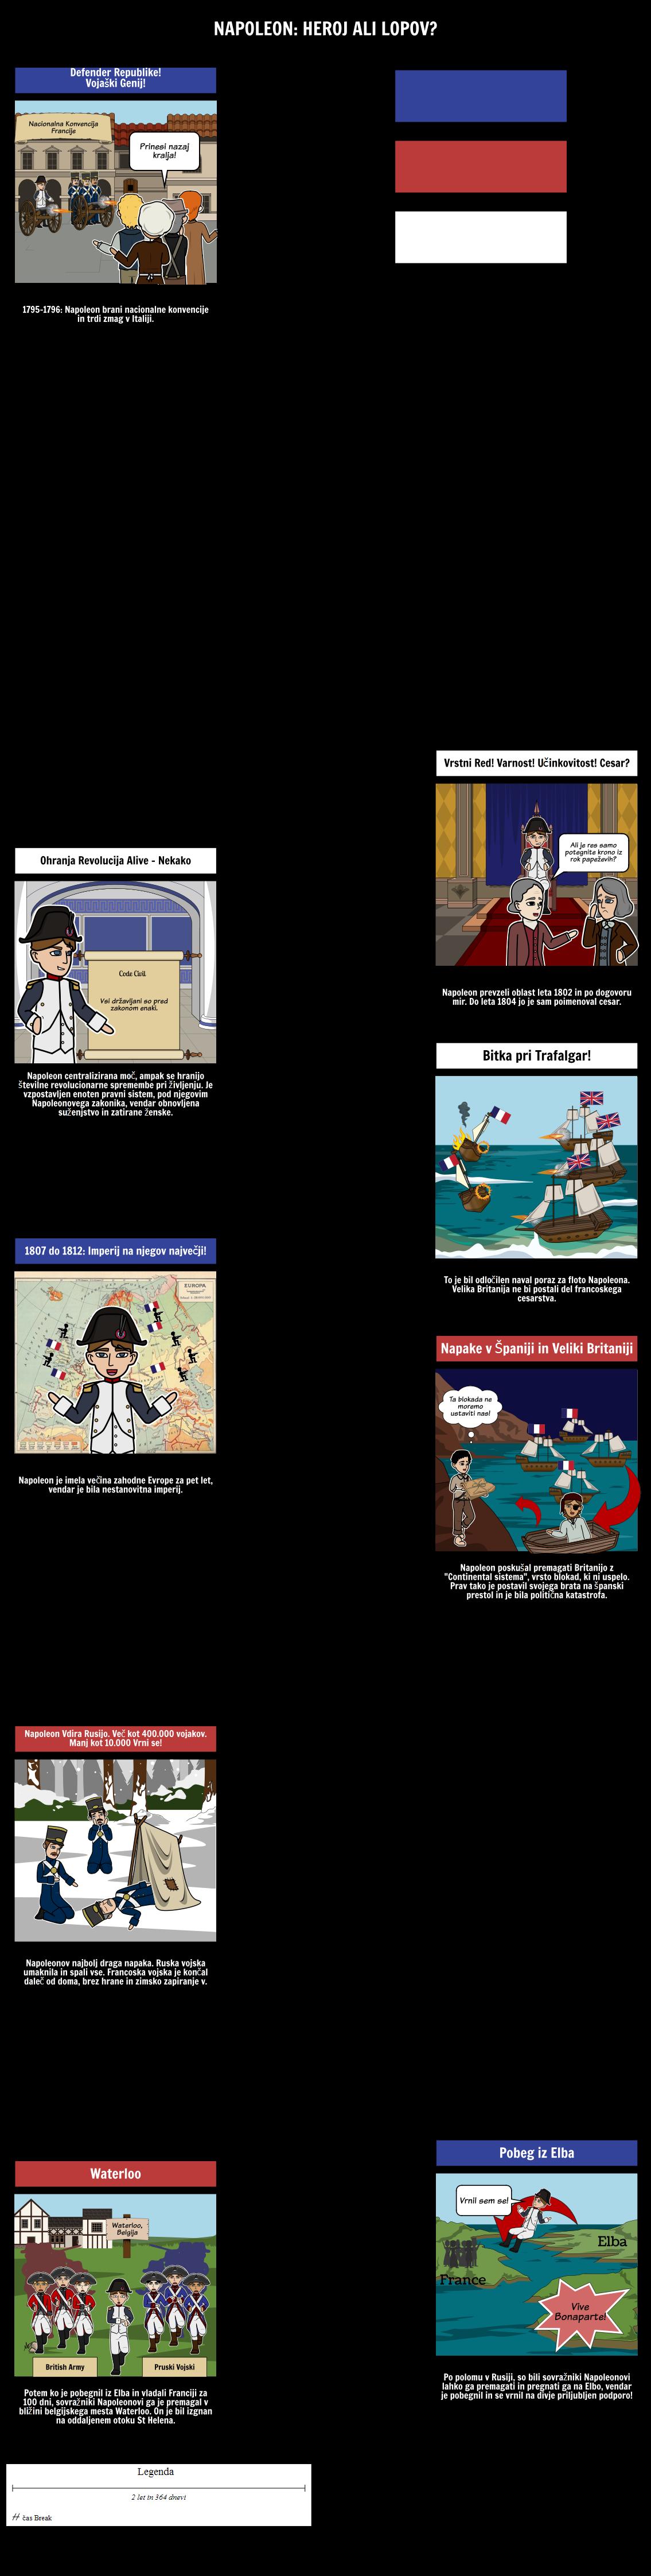 Francoska Revolucija - Napoleon: Hero ali Villain?